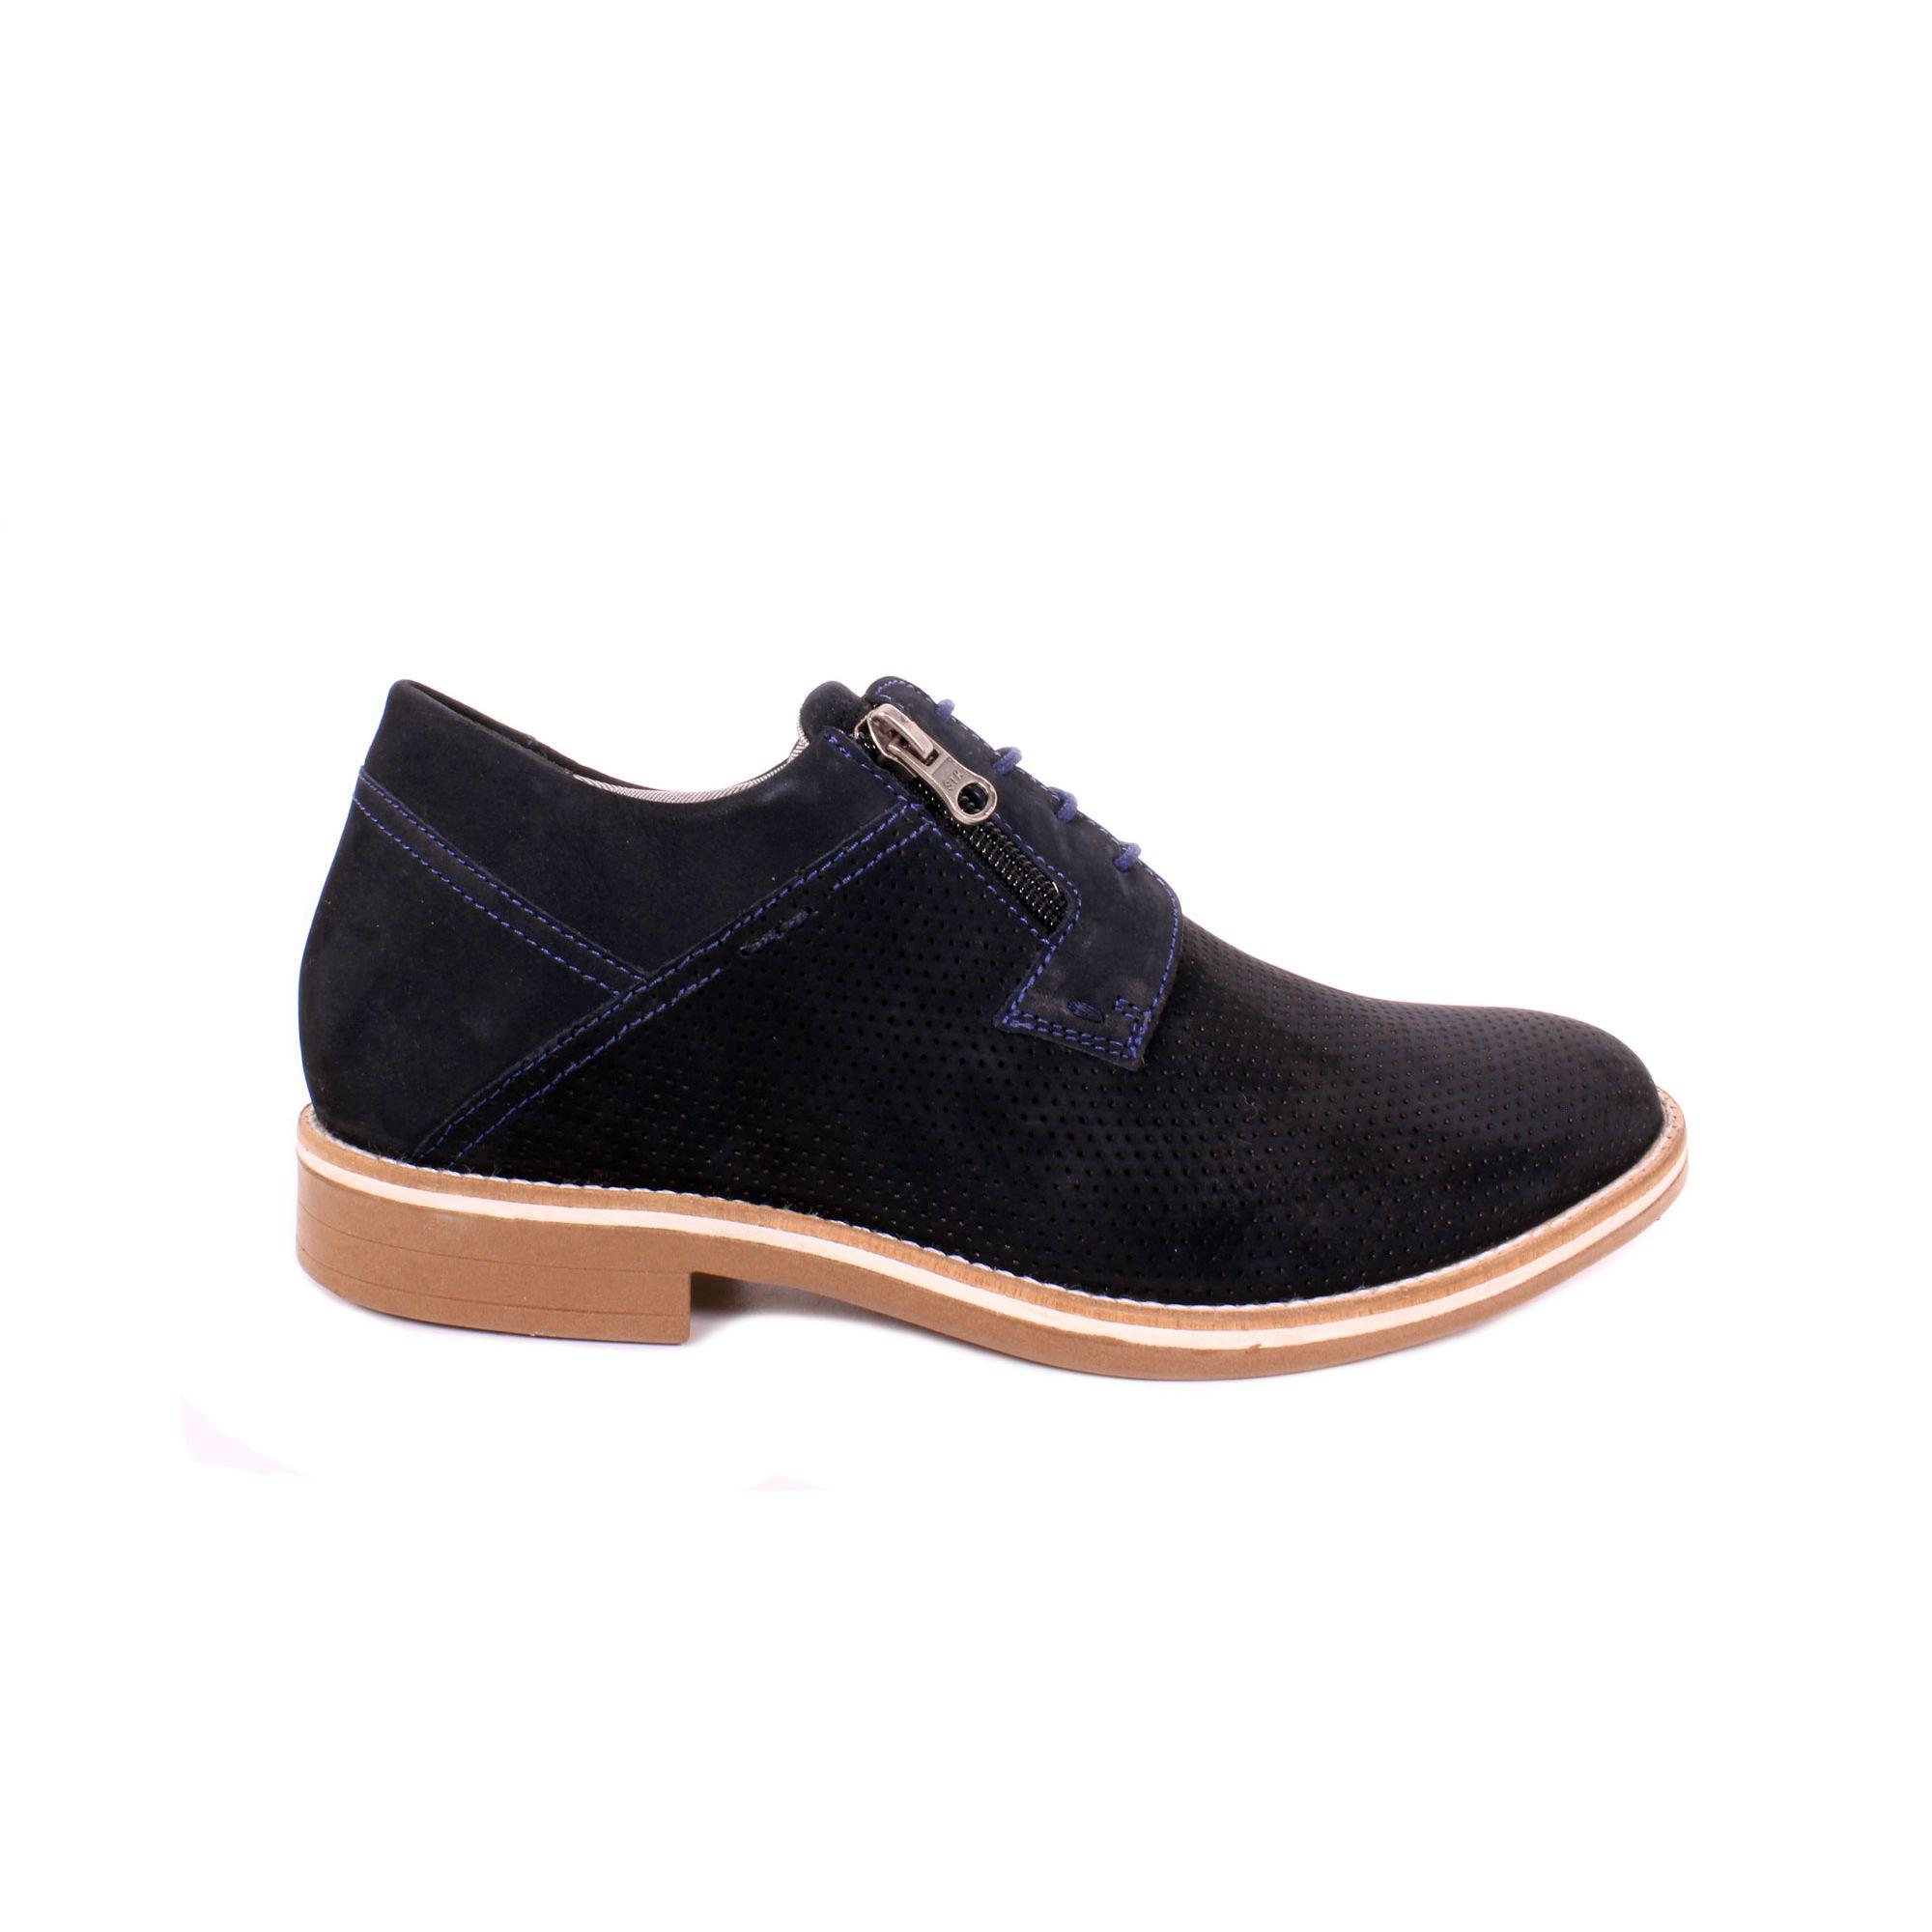 Zapato Casual Break Azul Max Denegri +7cm de Altura_70942